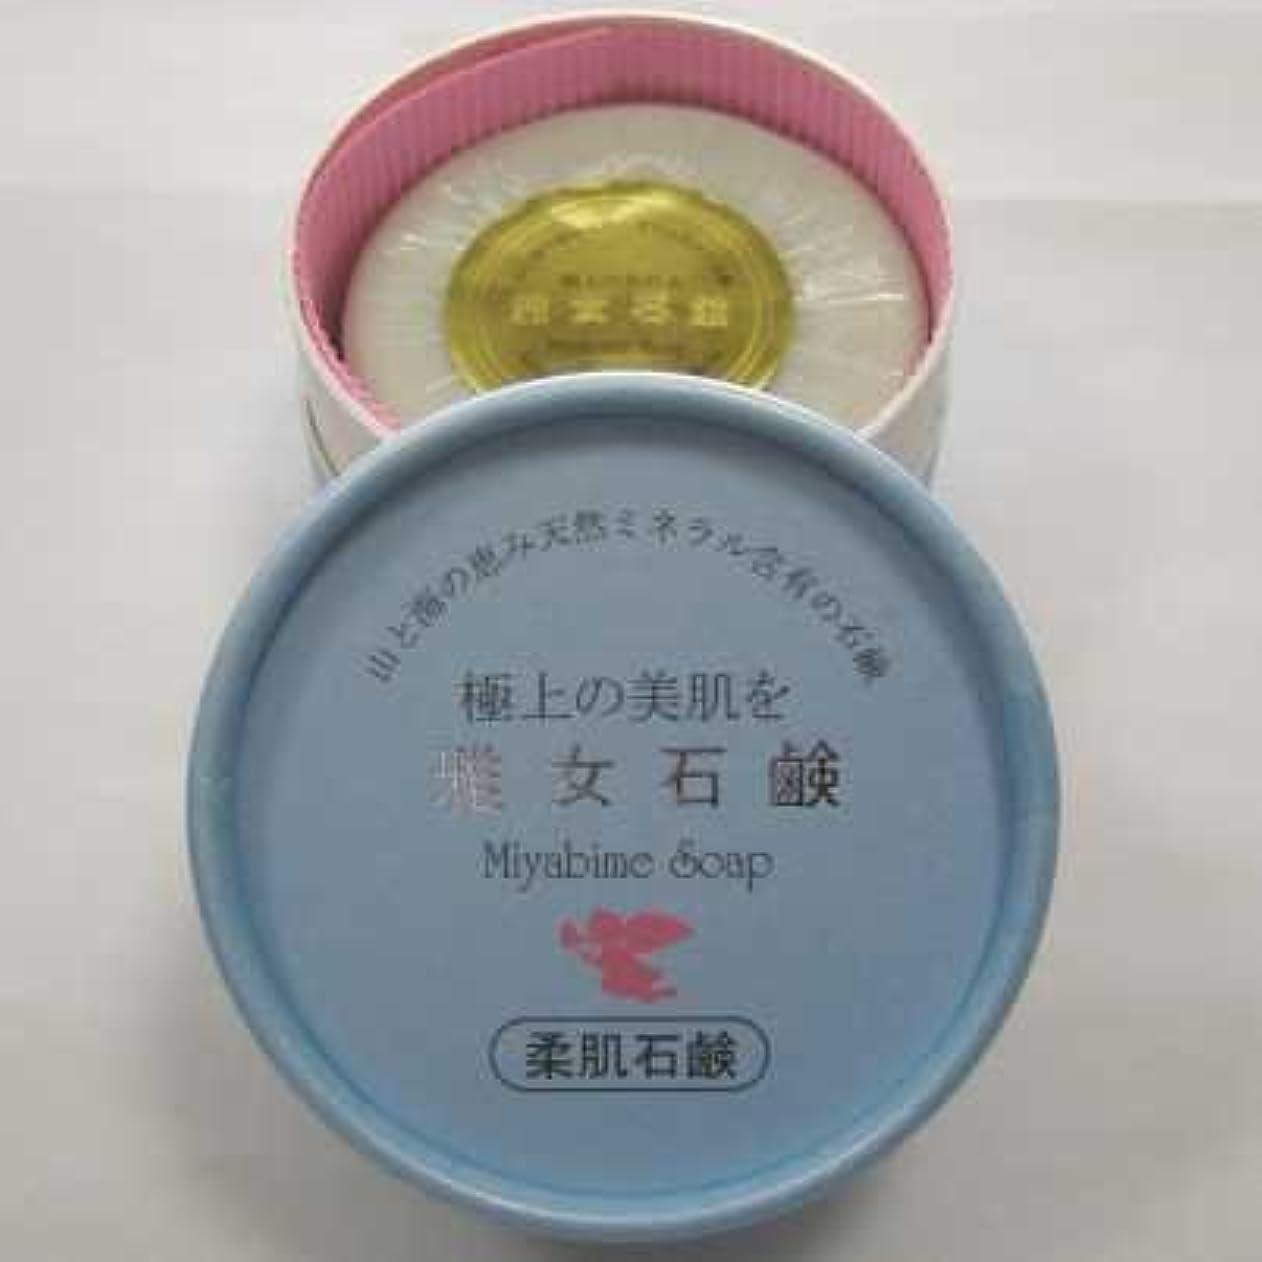 ペンダントスペアハンバーガー雅女石鹸(Miyabime Soap)